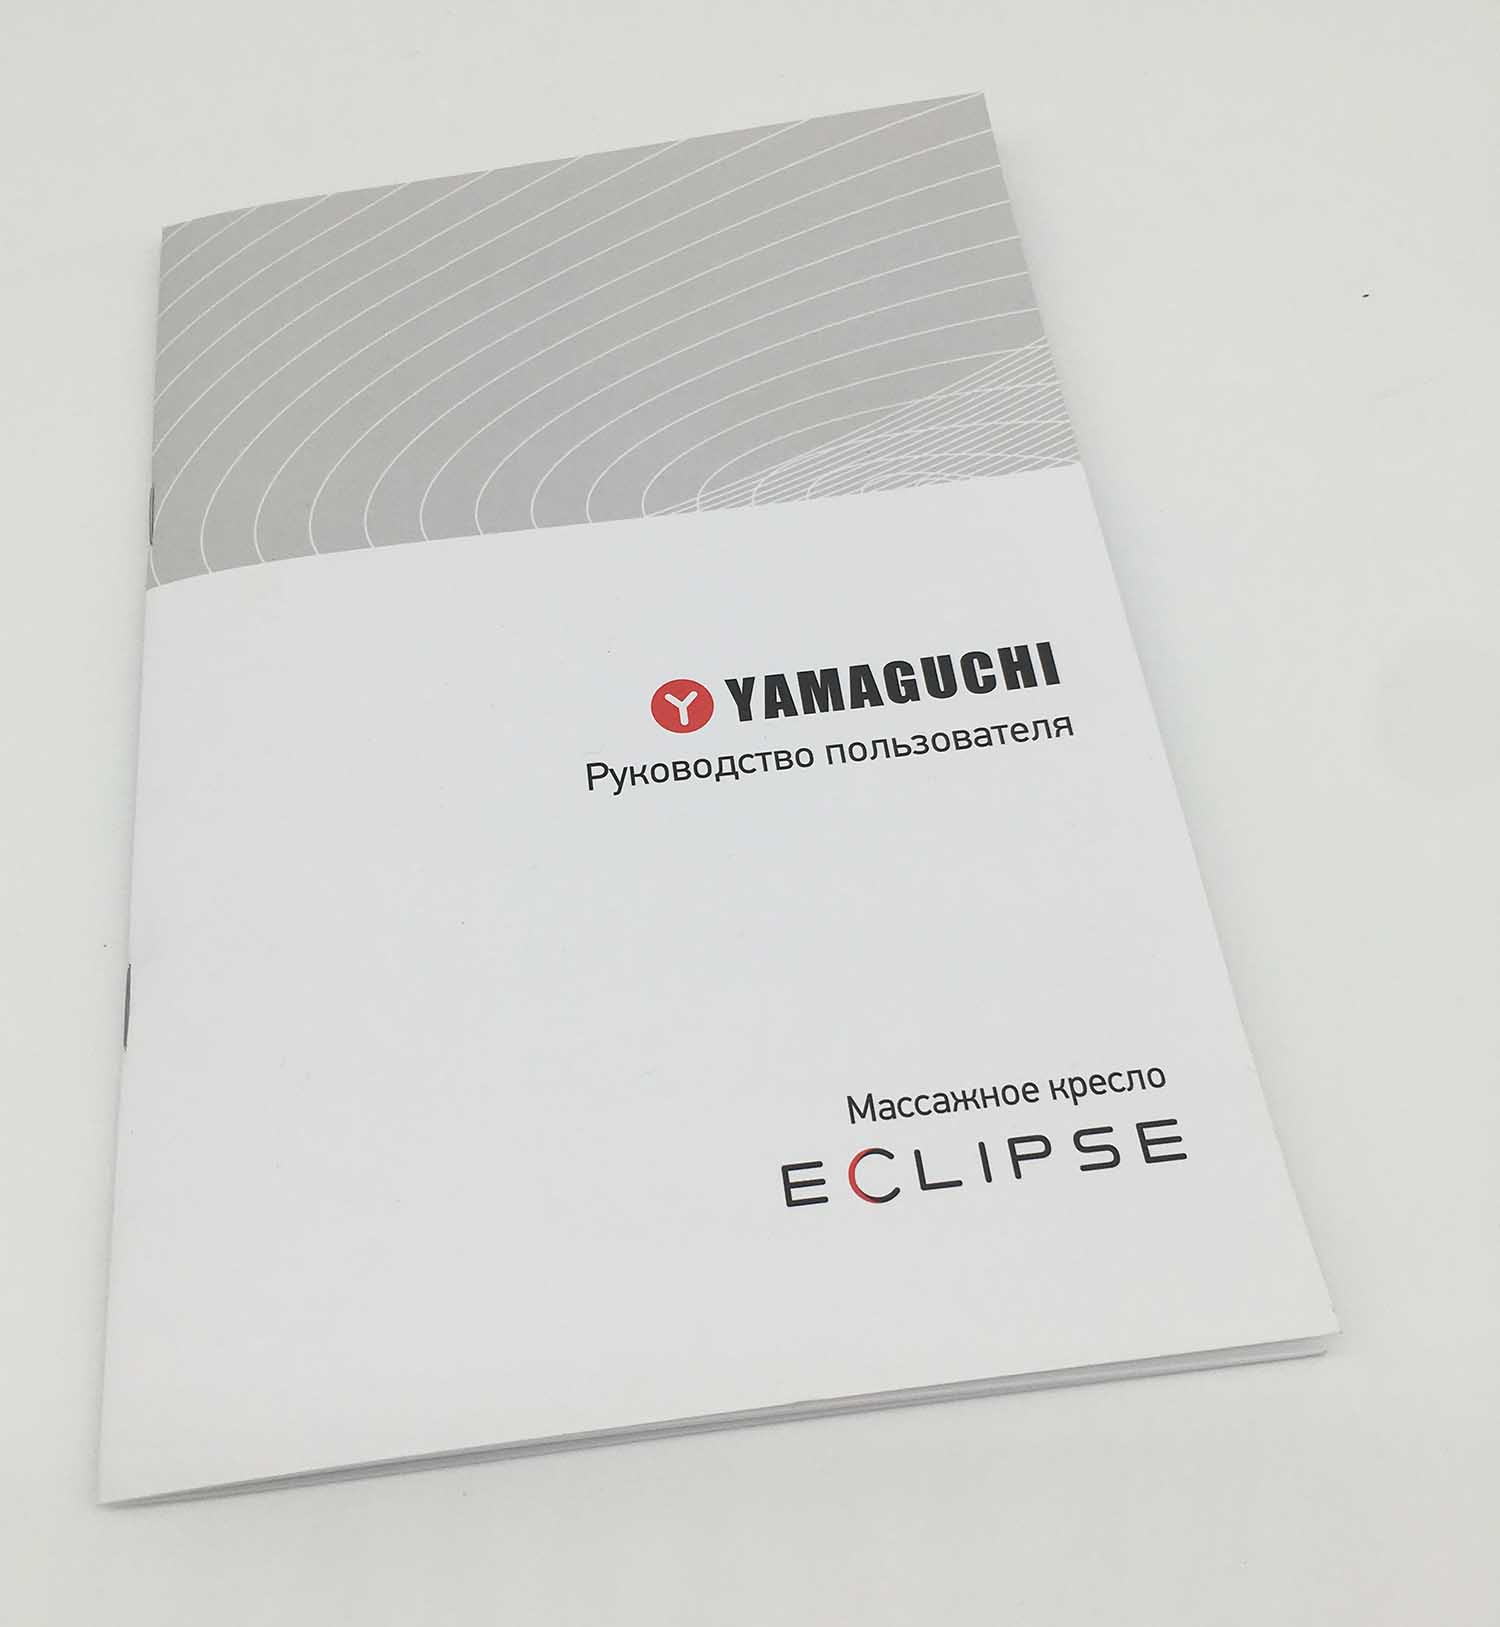 扬中产品画册设计印刷公司